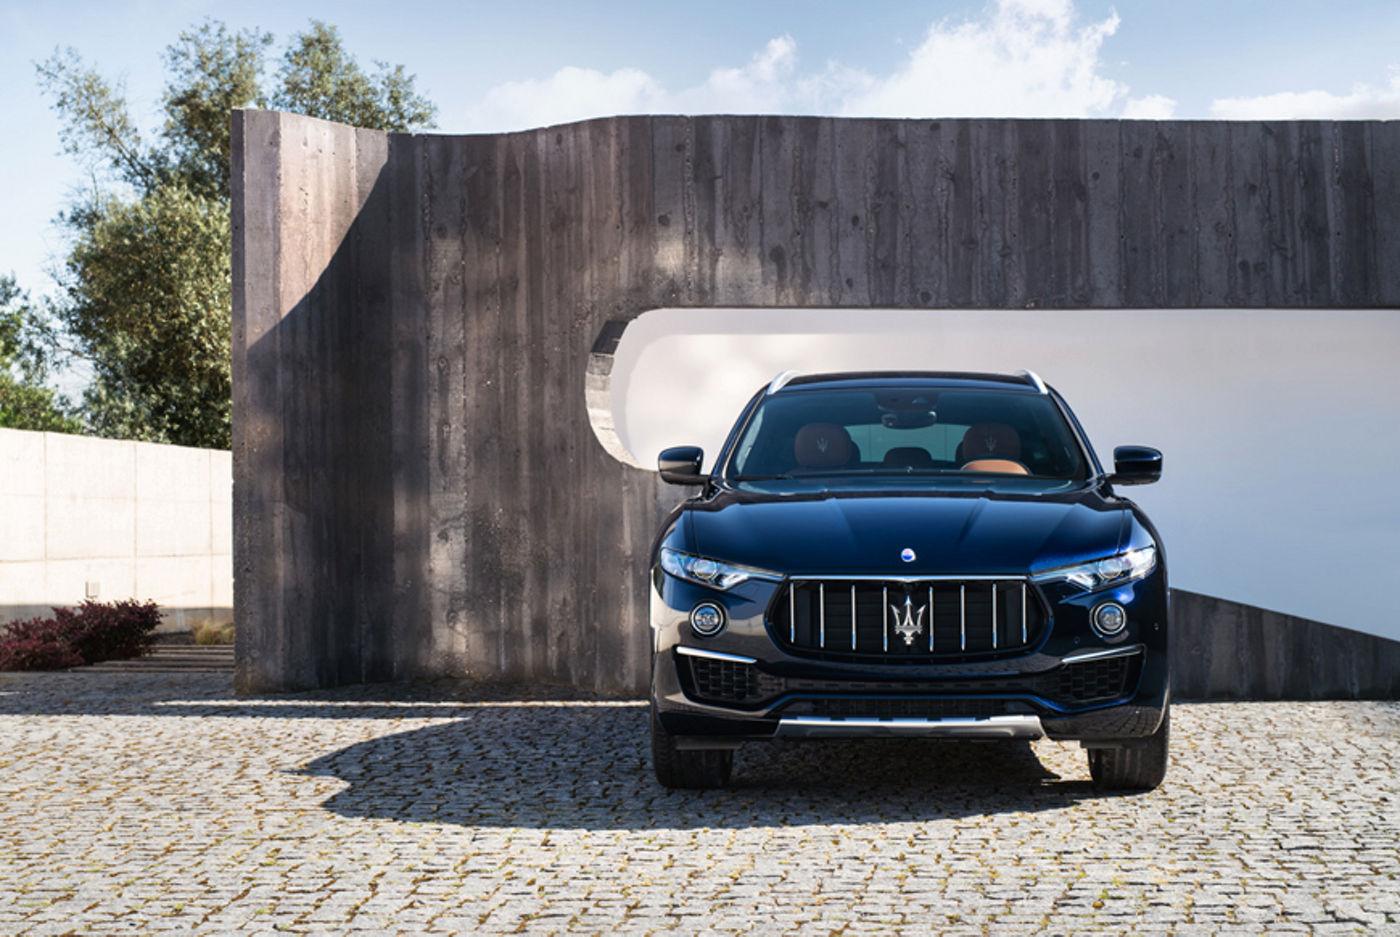 Maserati Levante nera MY19: il SUV della Casa del Tridente. Disponibile anche con la formula di noleggio a lungo termine